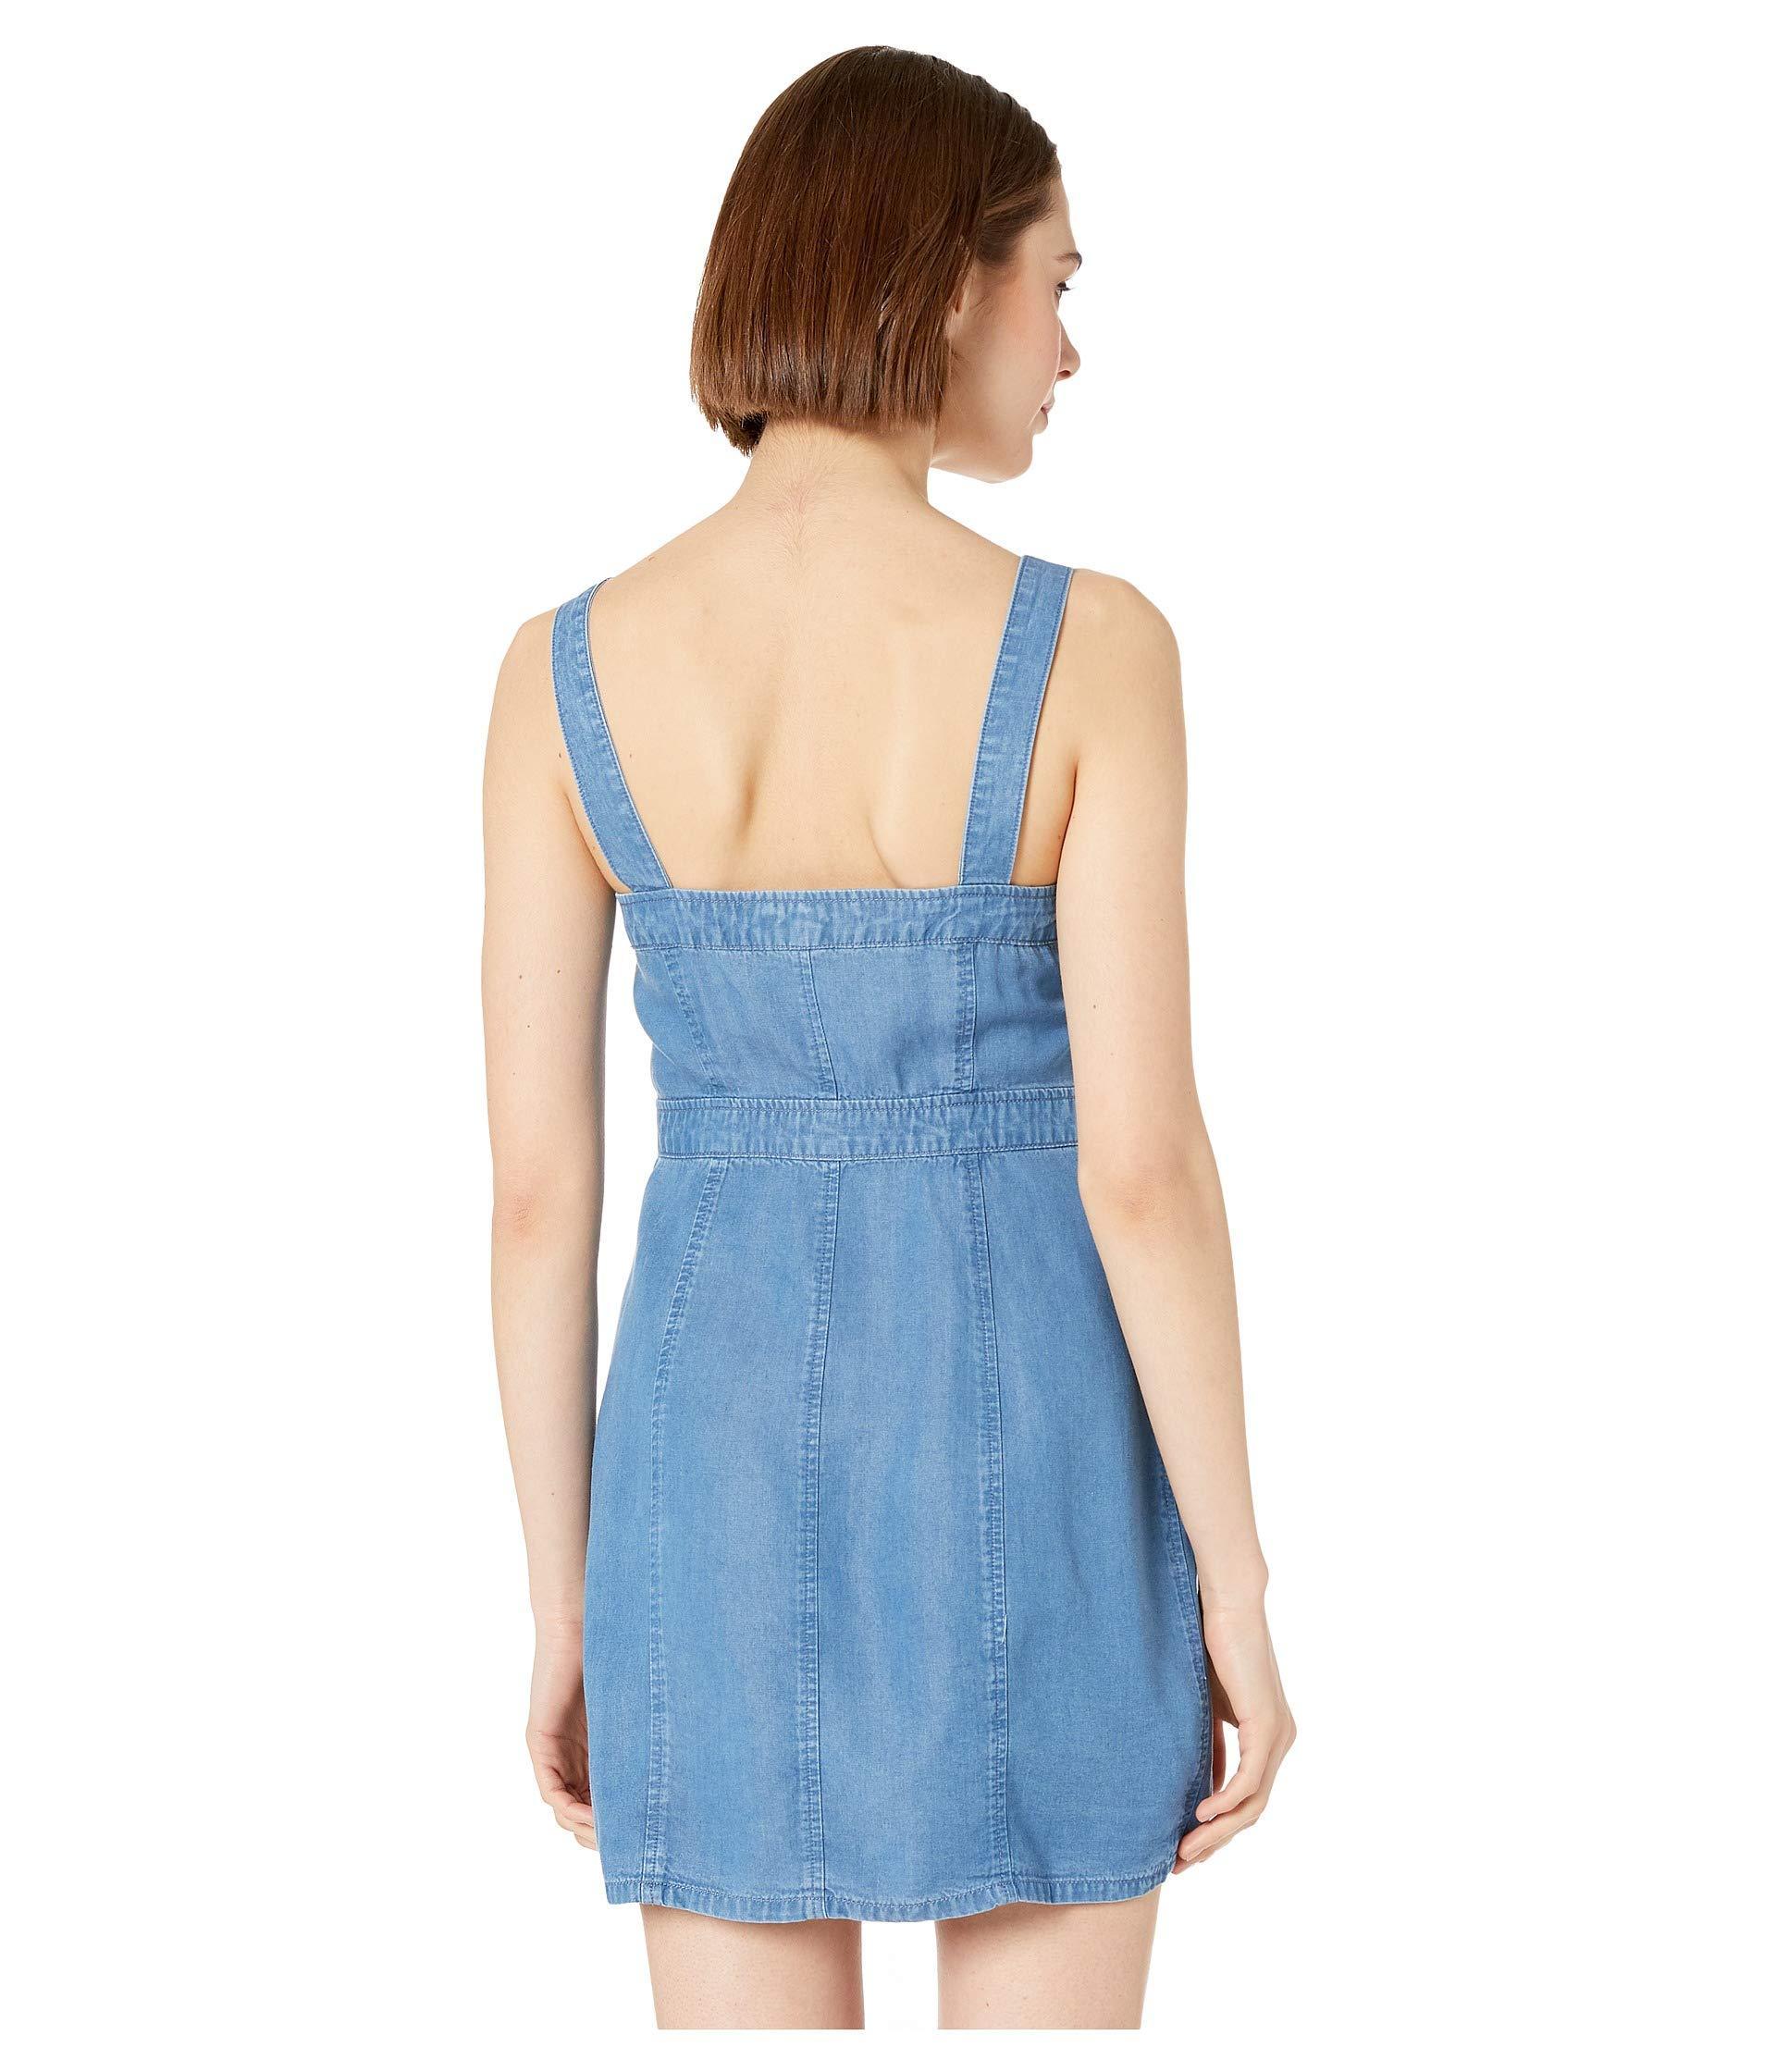 366a6a9a87 BB Dakota - Blue Jean Spirit Dress (indigo) Women s Dress - Lyst. View  fullscreen